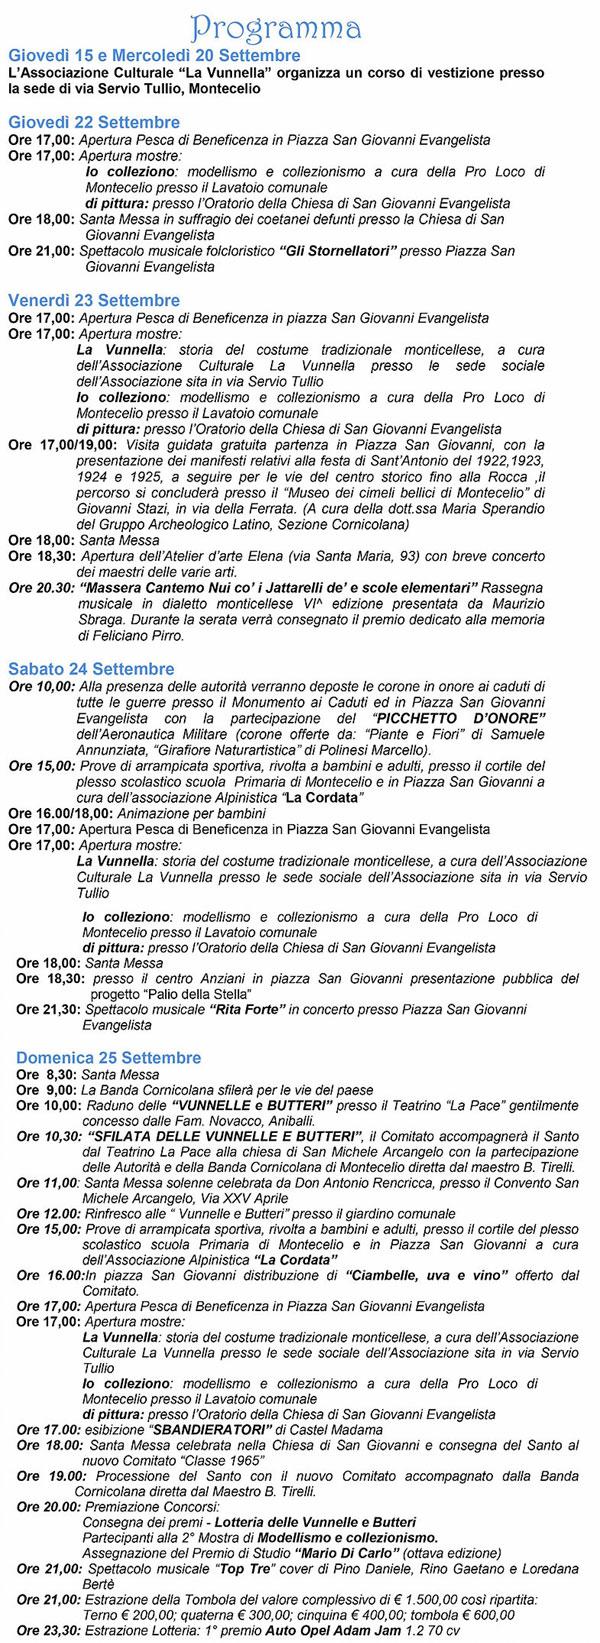 Programma festa di San Michele Montecelio